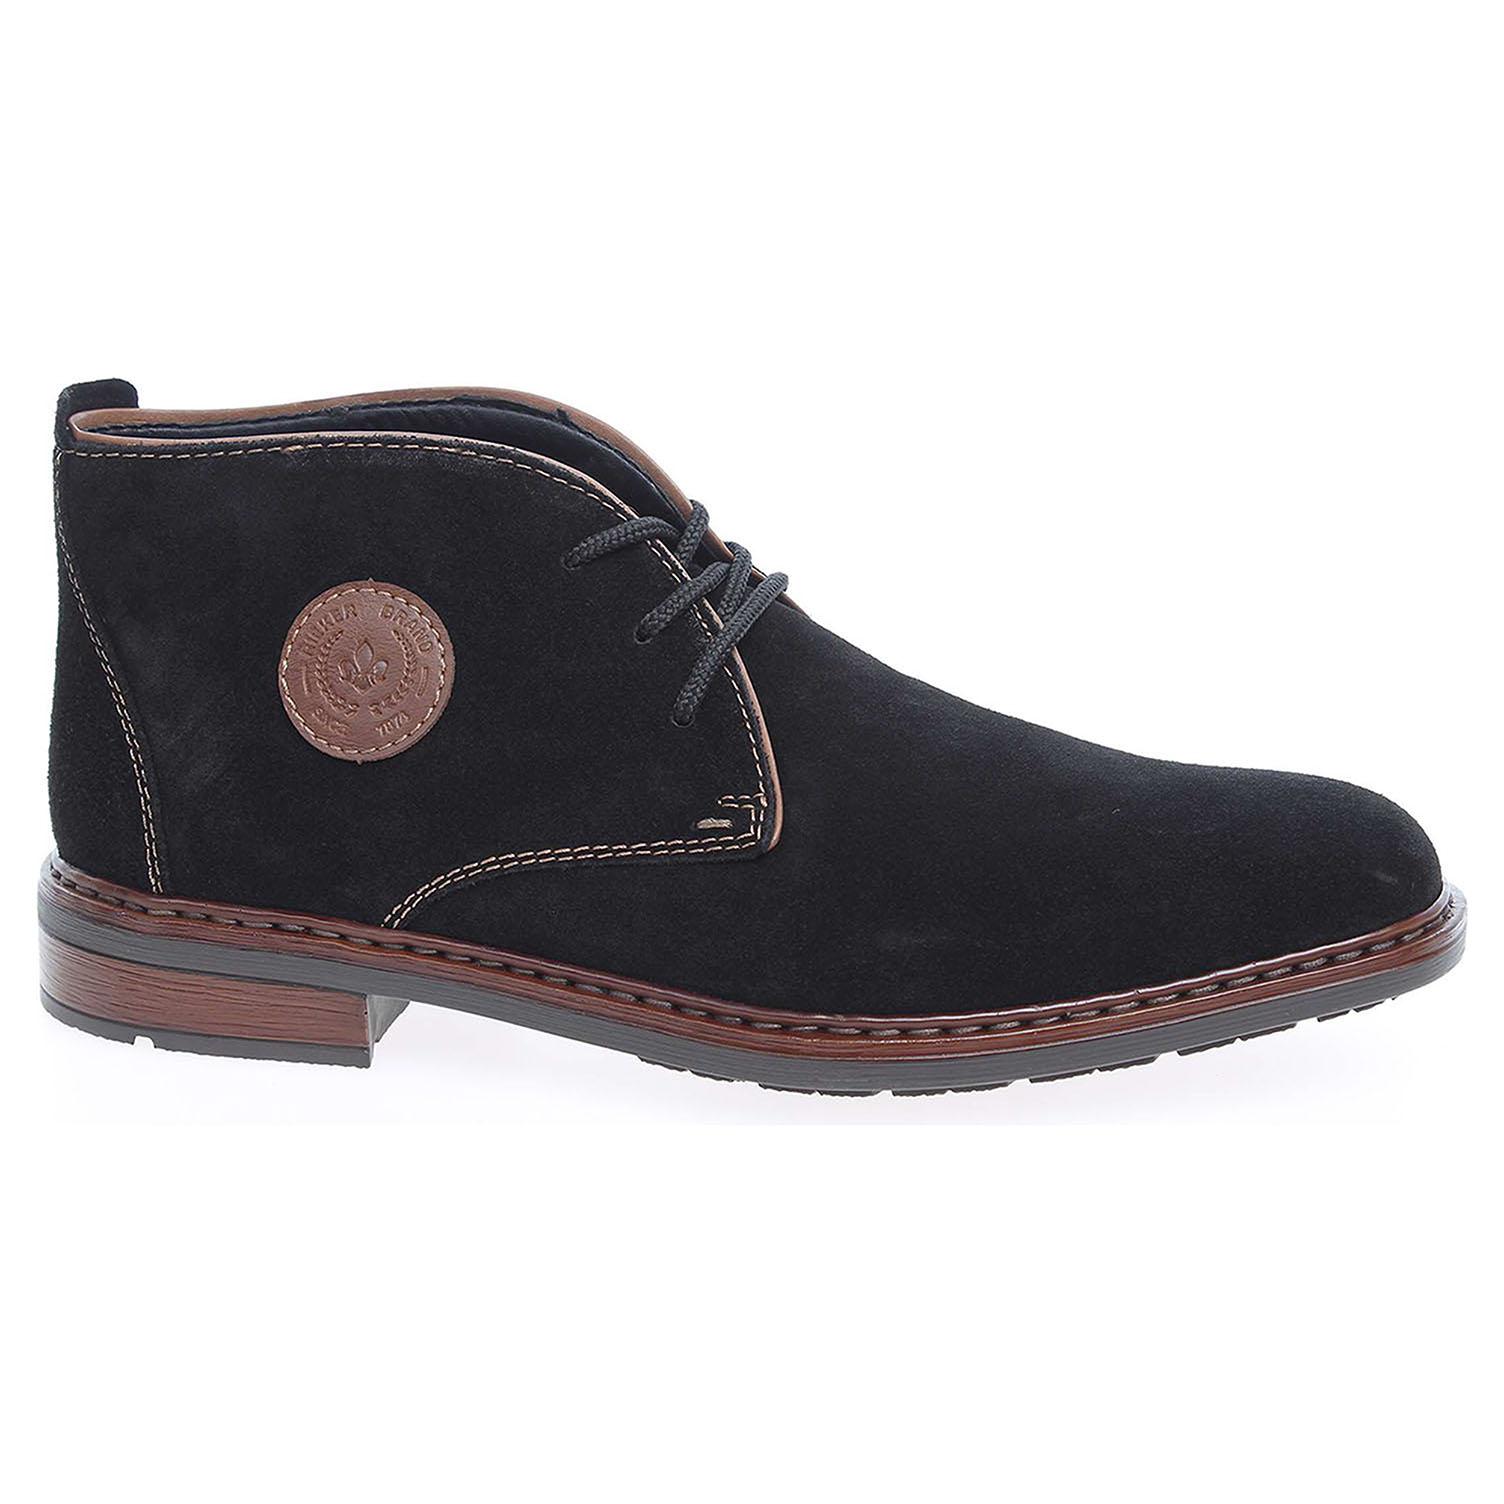 Pánská kotníková obuv Rieker F1211-00 černé 45